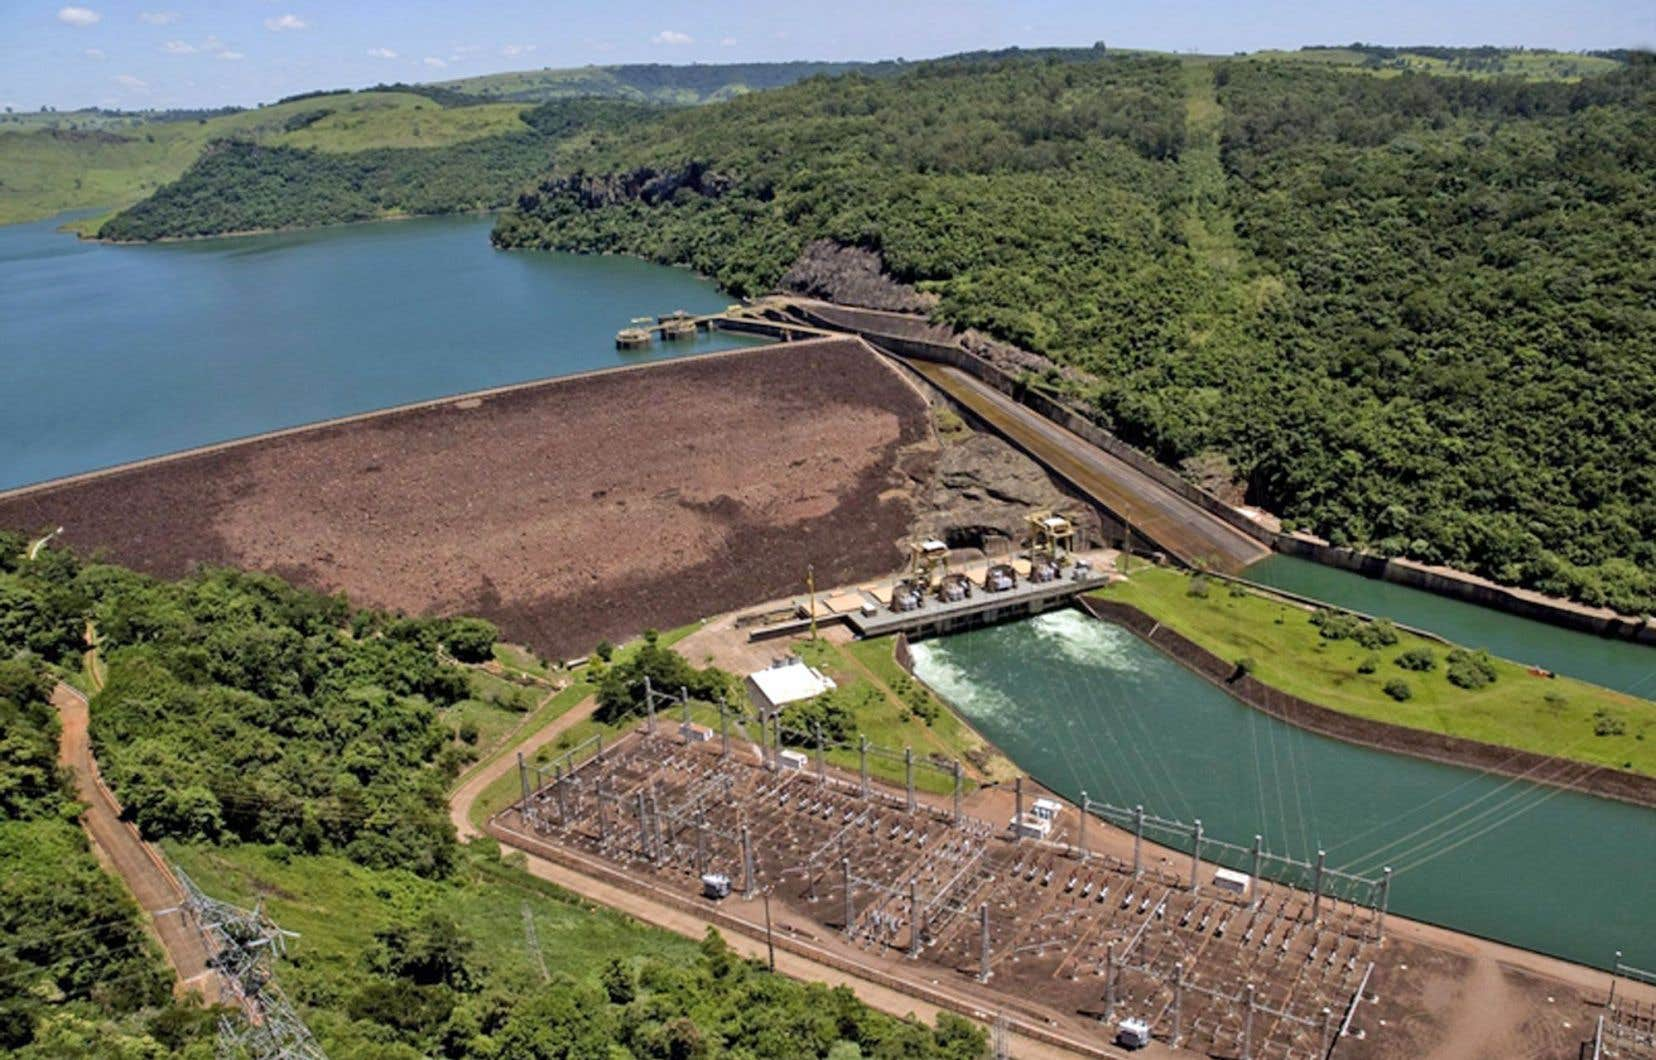 Le barrage hydroélectrique de Chavantes, au Brésil, acquis il y a quelques années par un groupe chinois